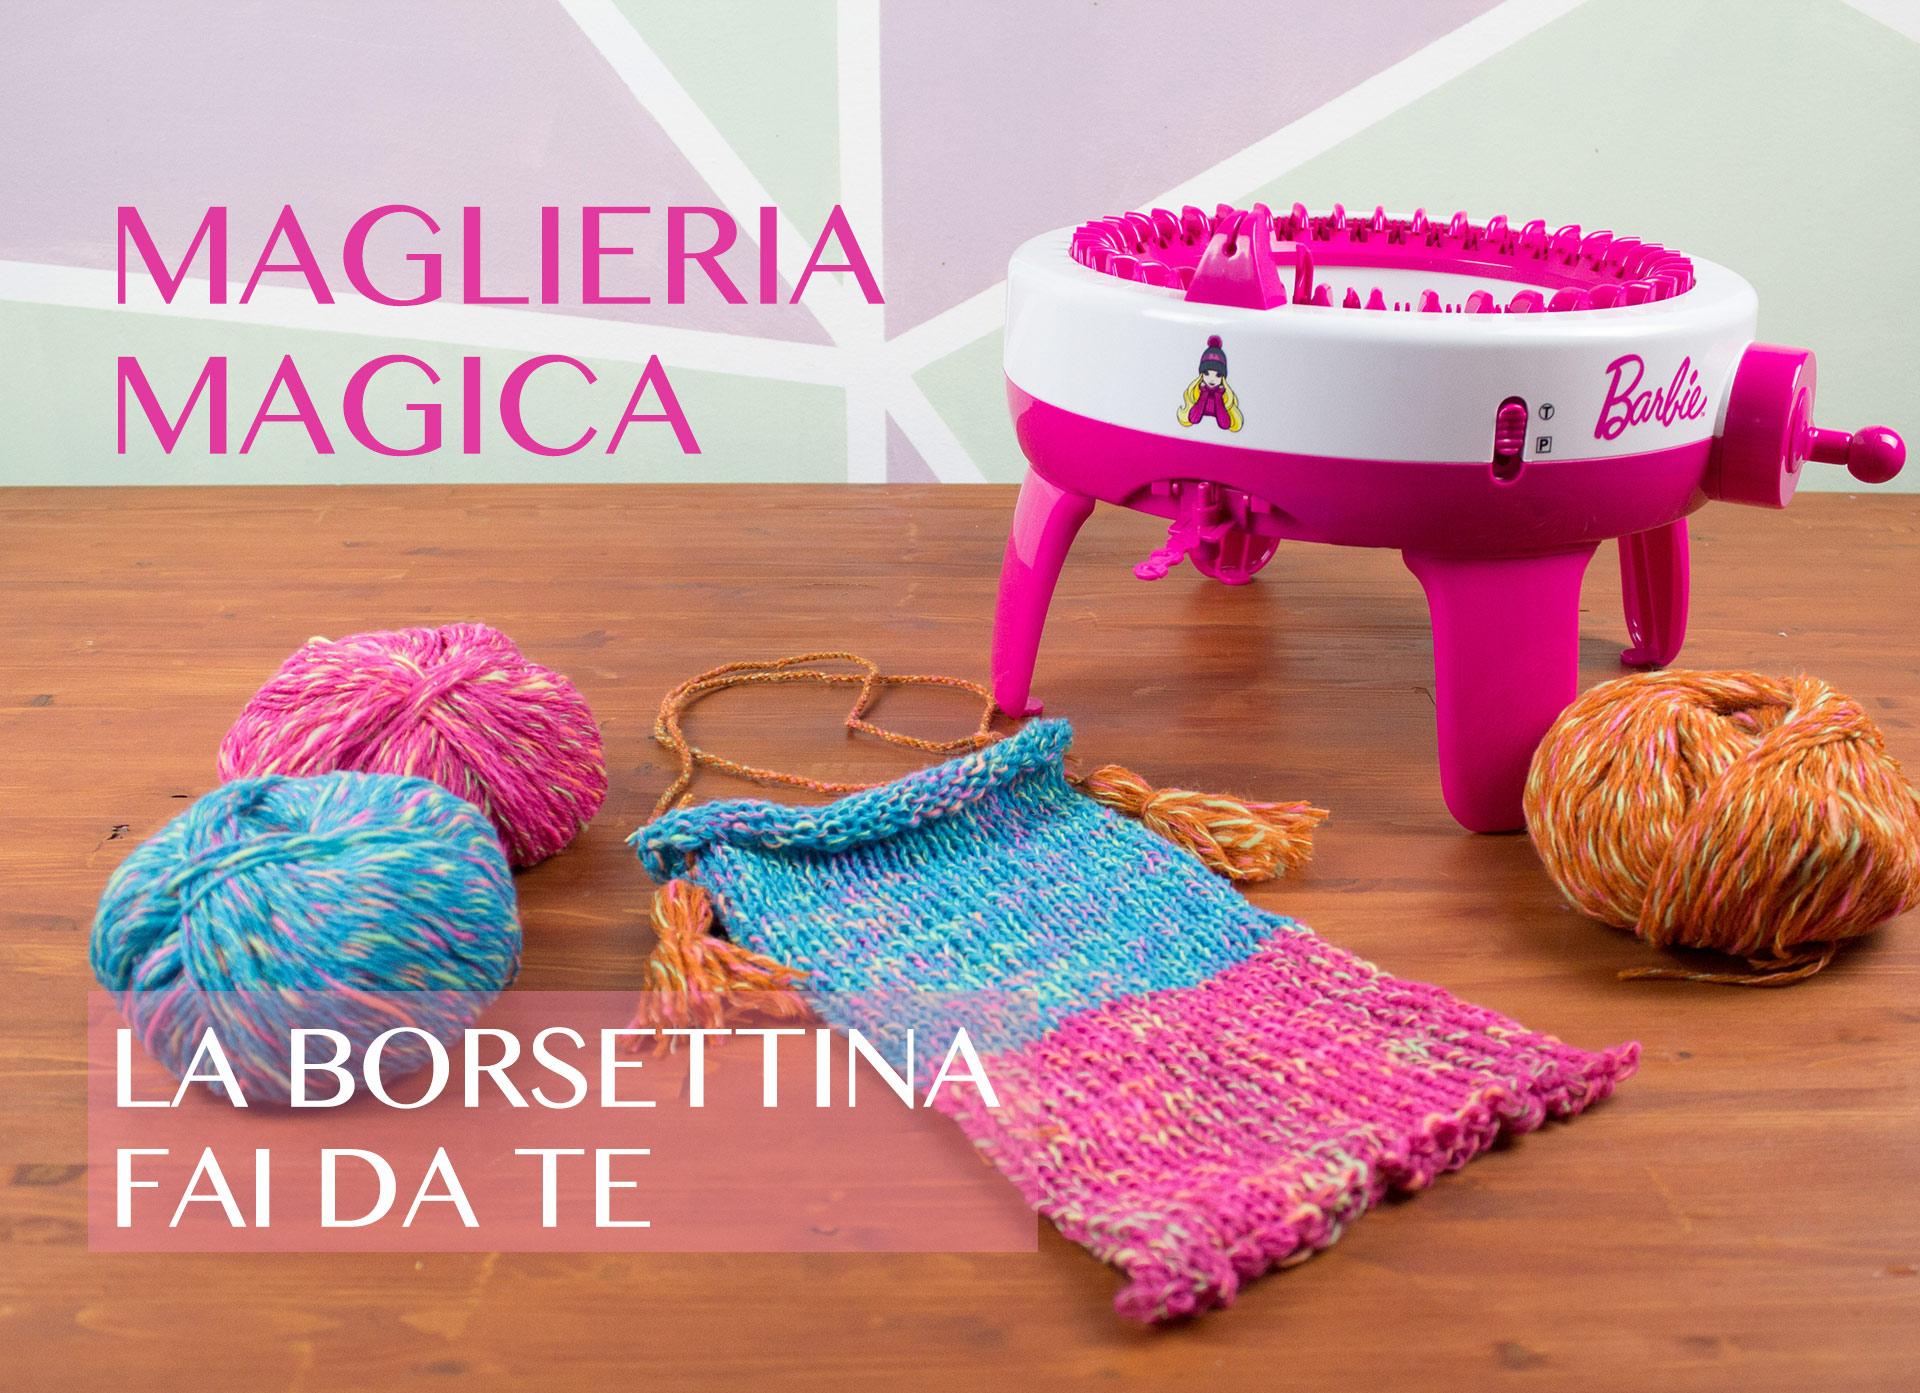 MAGLIERIA-MAGICA